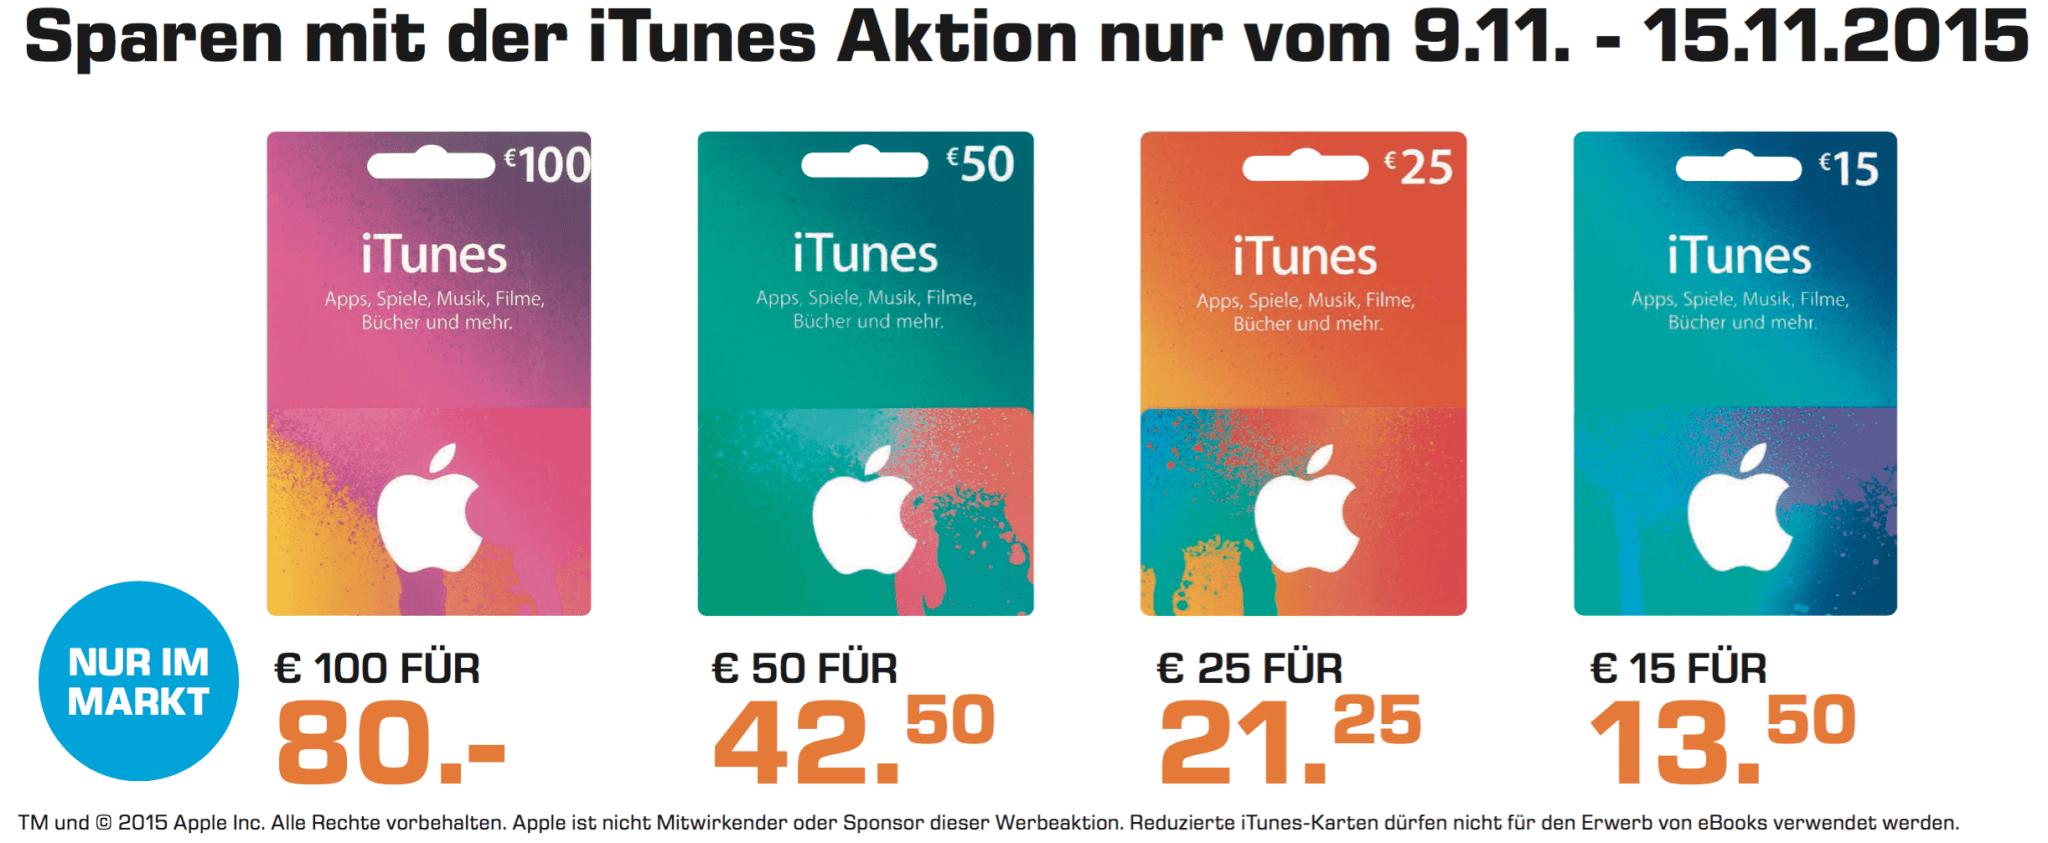 Rabatt auf iTunes-Guthabenkarten bei Saturn (Screenshot aus Saturn-Prospekt)